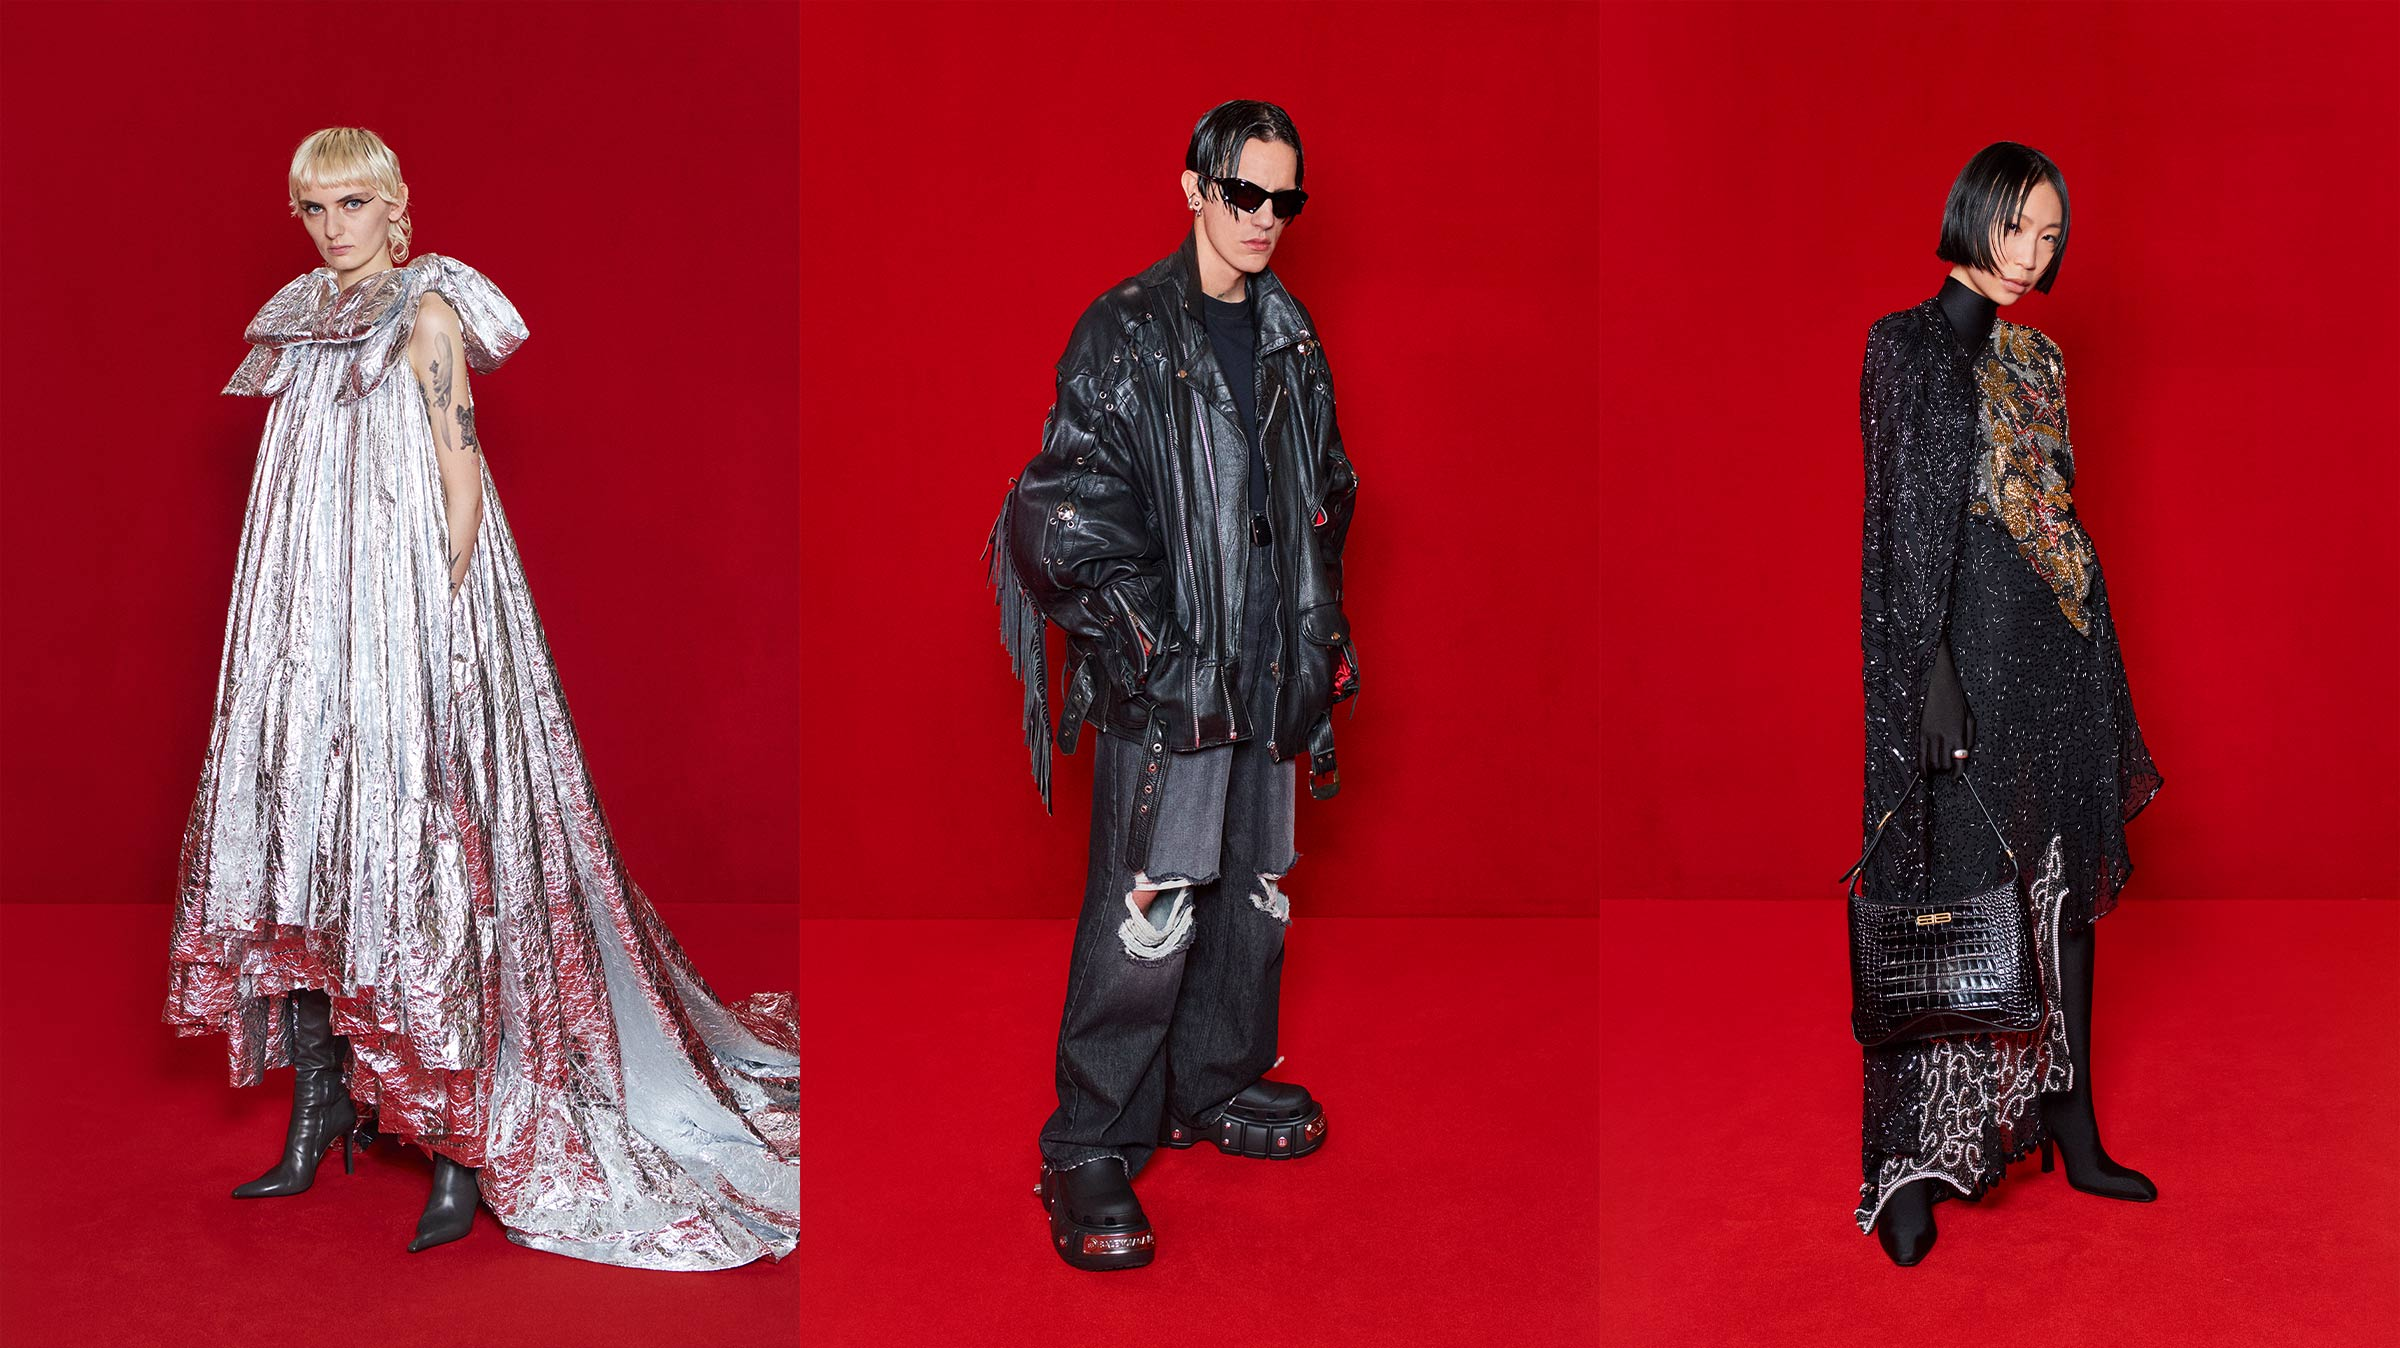 Balenciaga takes to Hollywood, redefining runway